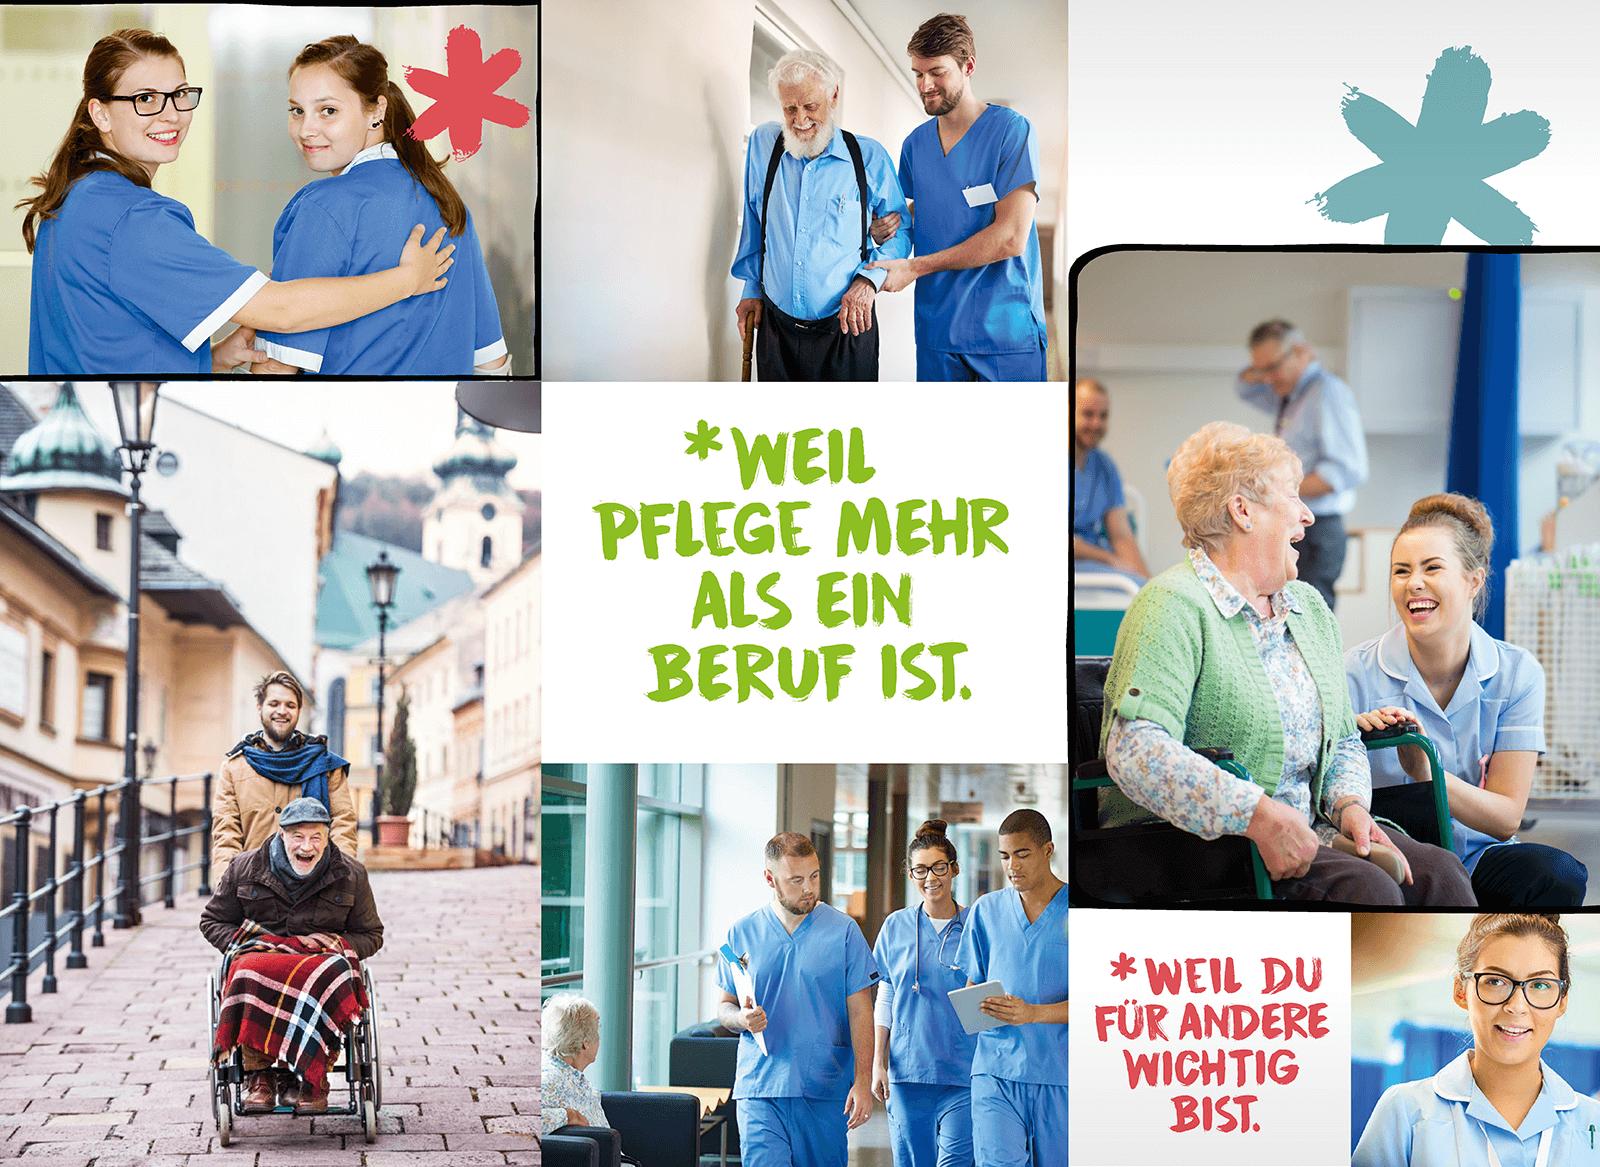 Weil Pflege mehr als ein Beruf ist - Weil du für andere wichtig bist. Eine Collage aus 6 Fotos zeigt junge Pflegekräfte in ihrer Ausbildung und in ihrem beruflichen Alltag in Krankenhaus und mit Patienten.